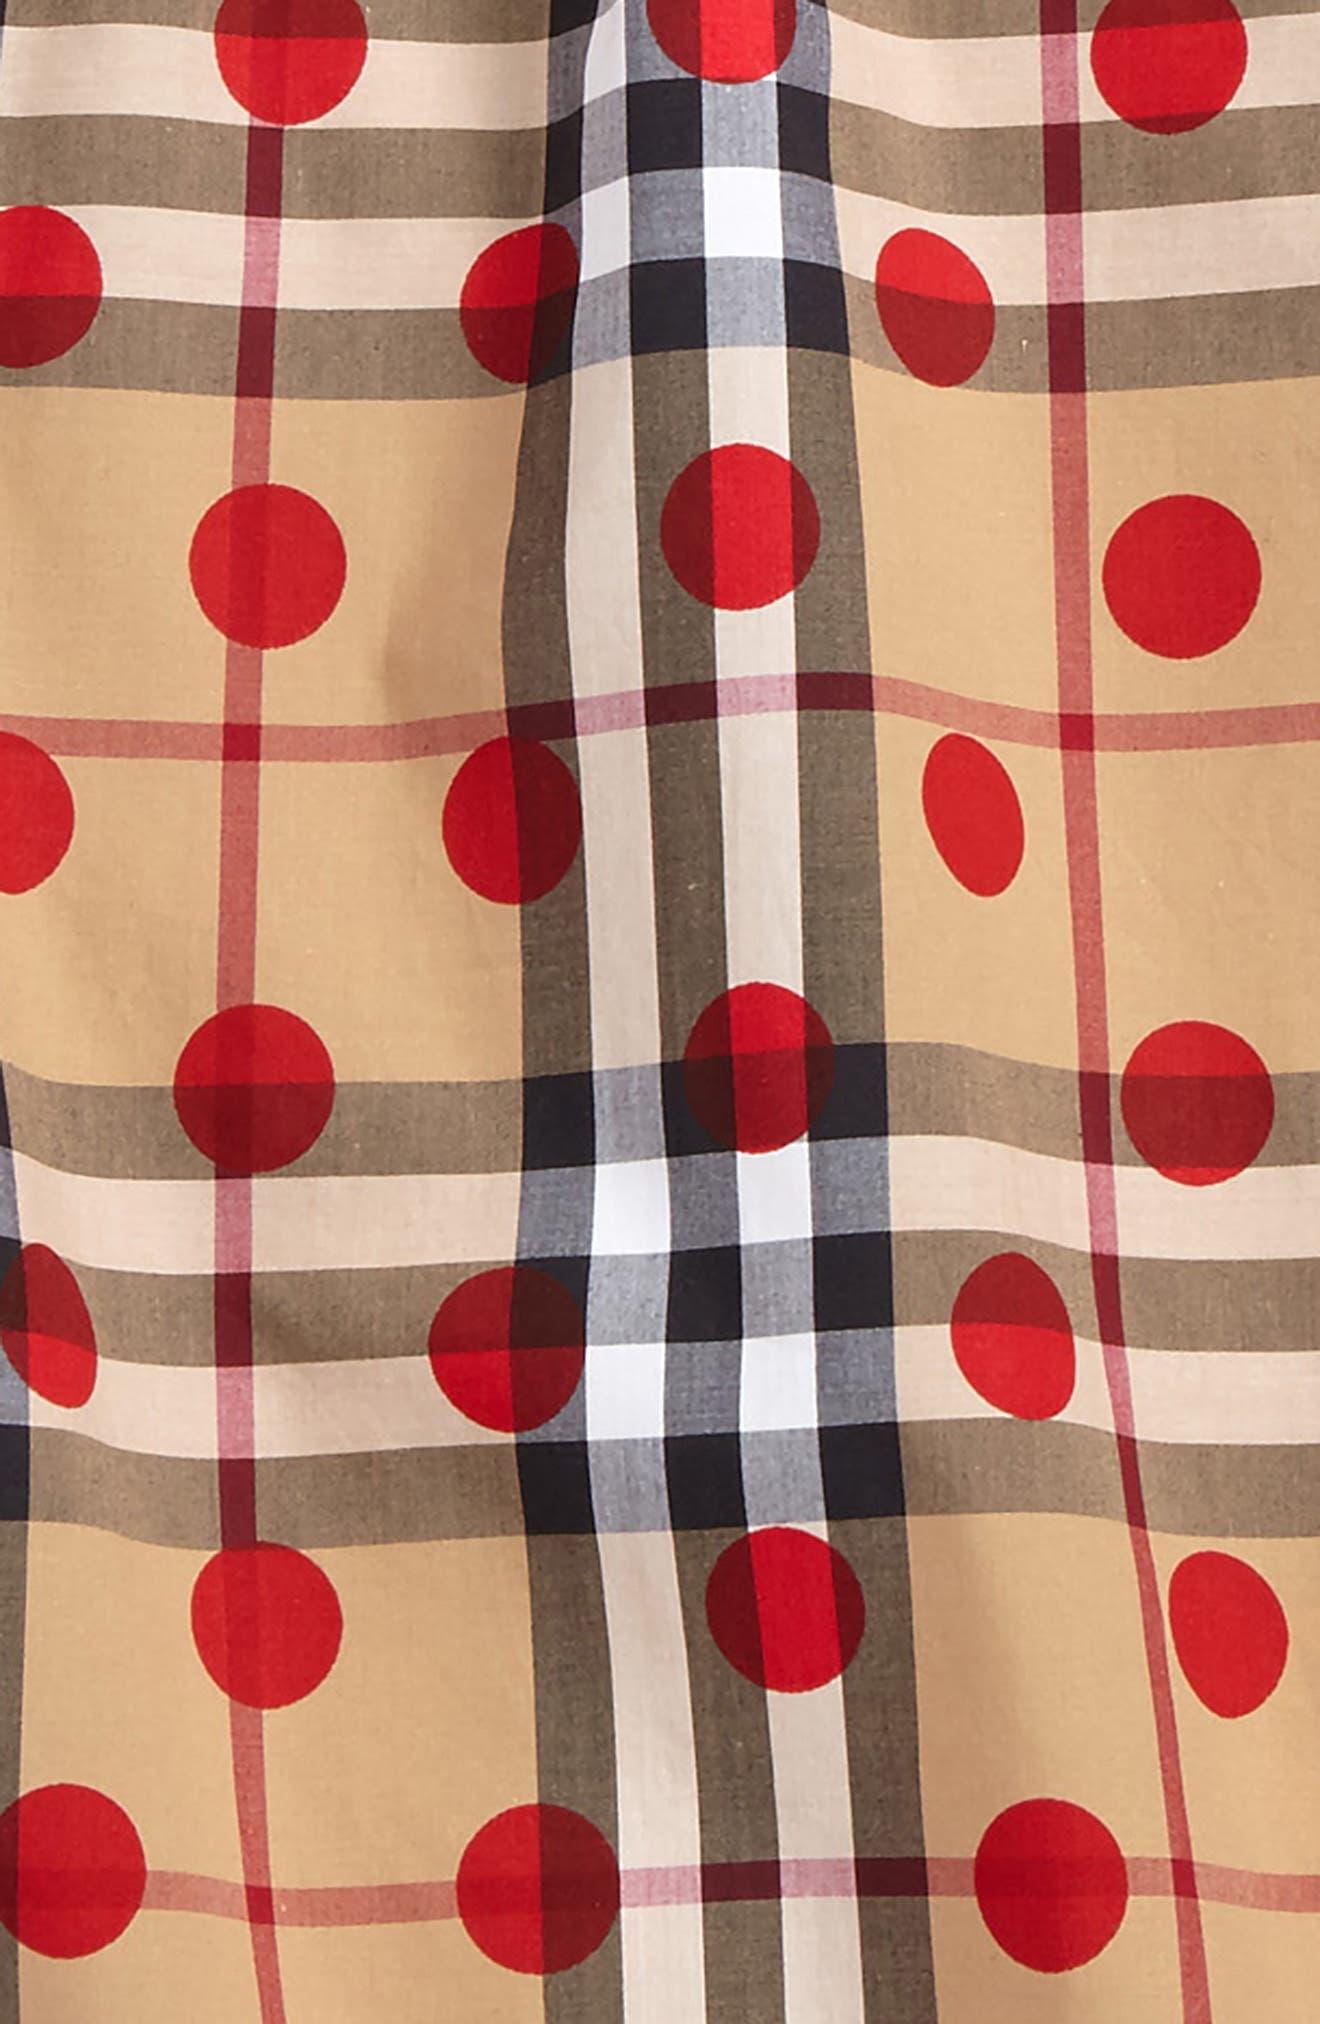 Mini Haleena Polka Dot & Check Print Top,                             Alternate thumbnail 3, color,                             Parade Red